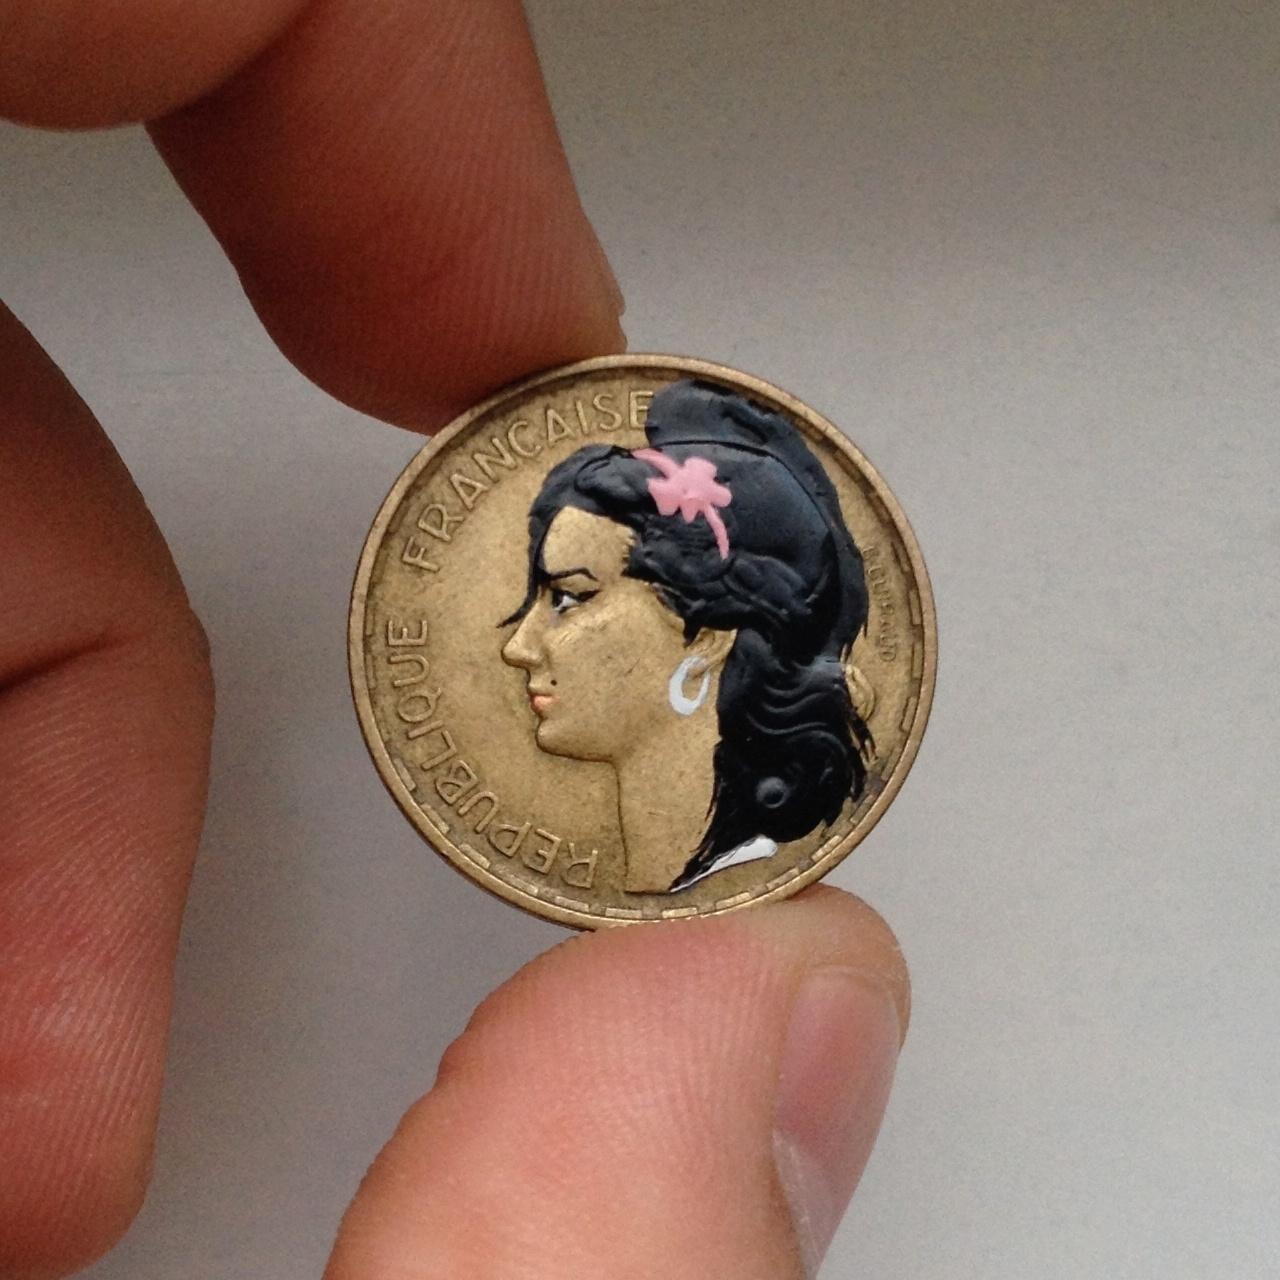 I say NO NO NO! A cantora britânica Amy Winehouse apareceu para embelezar esta moeda francesa